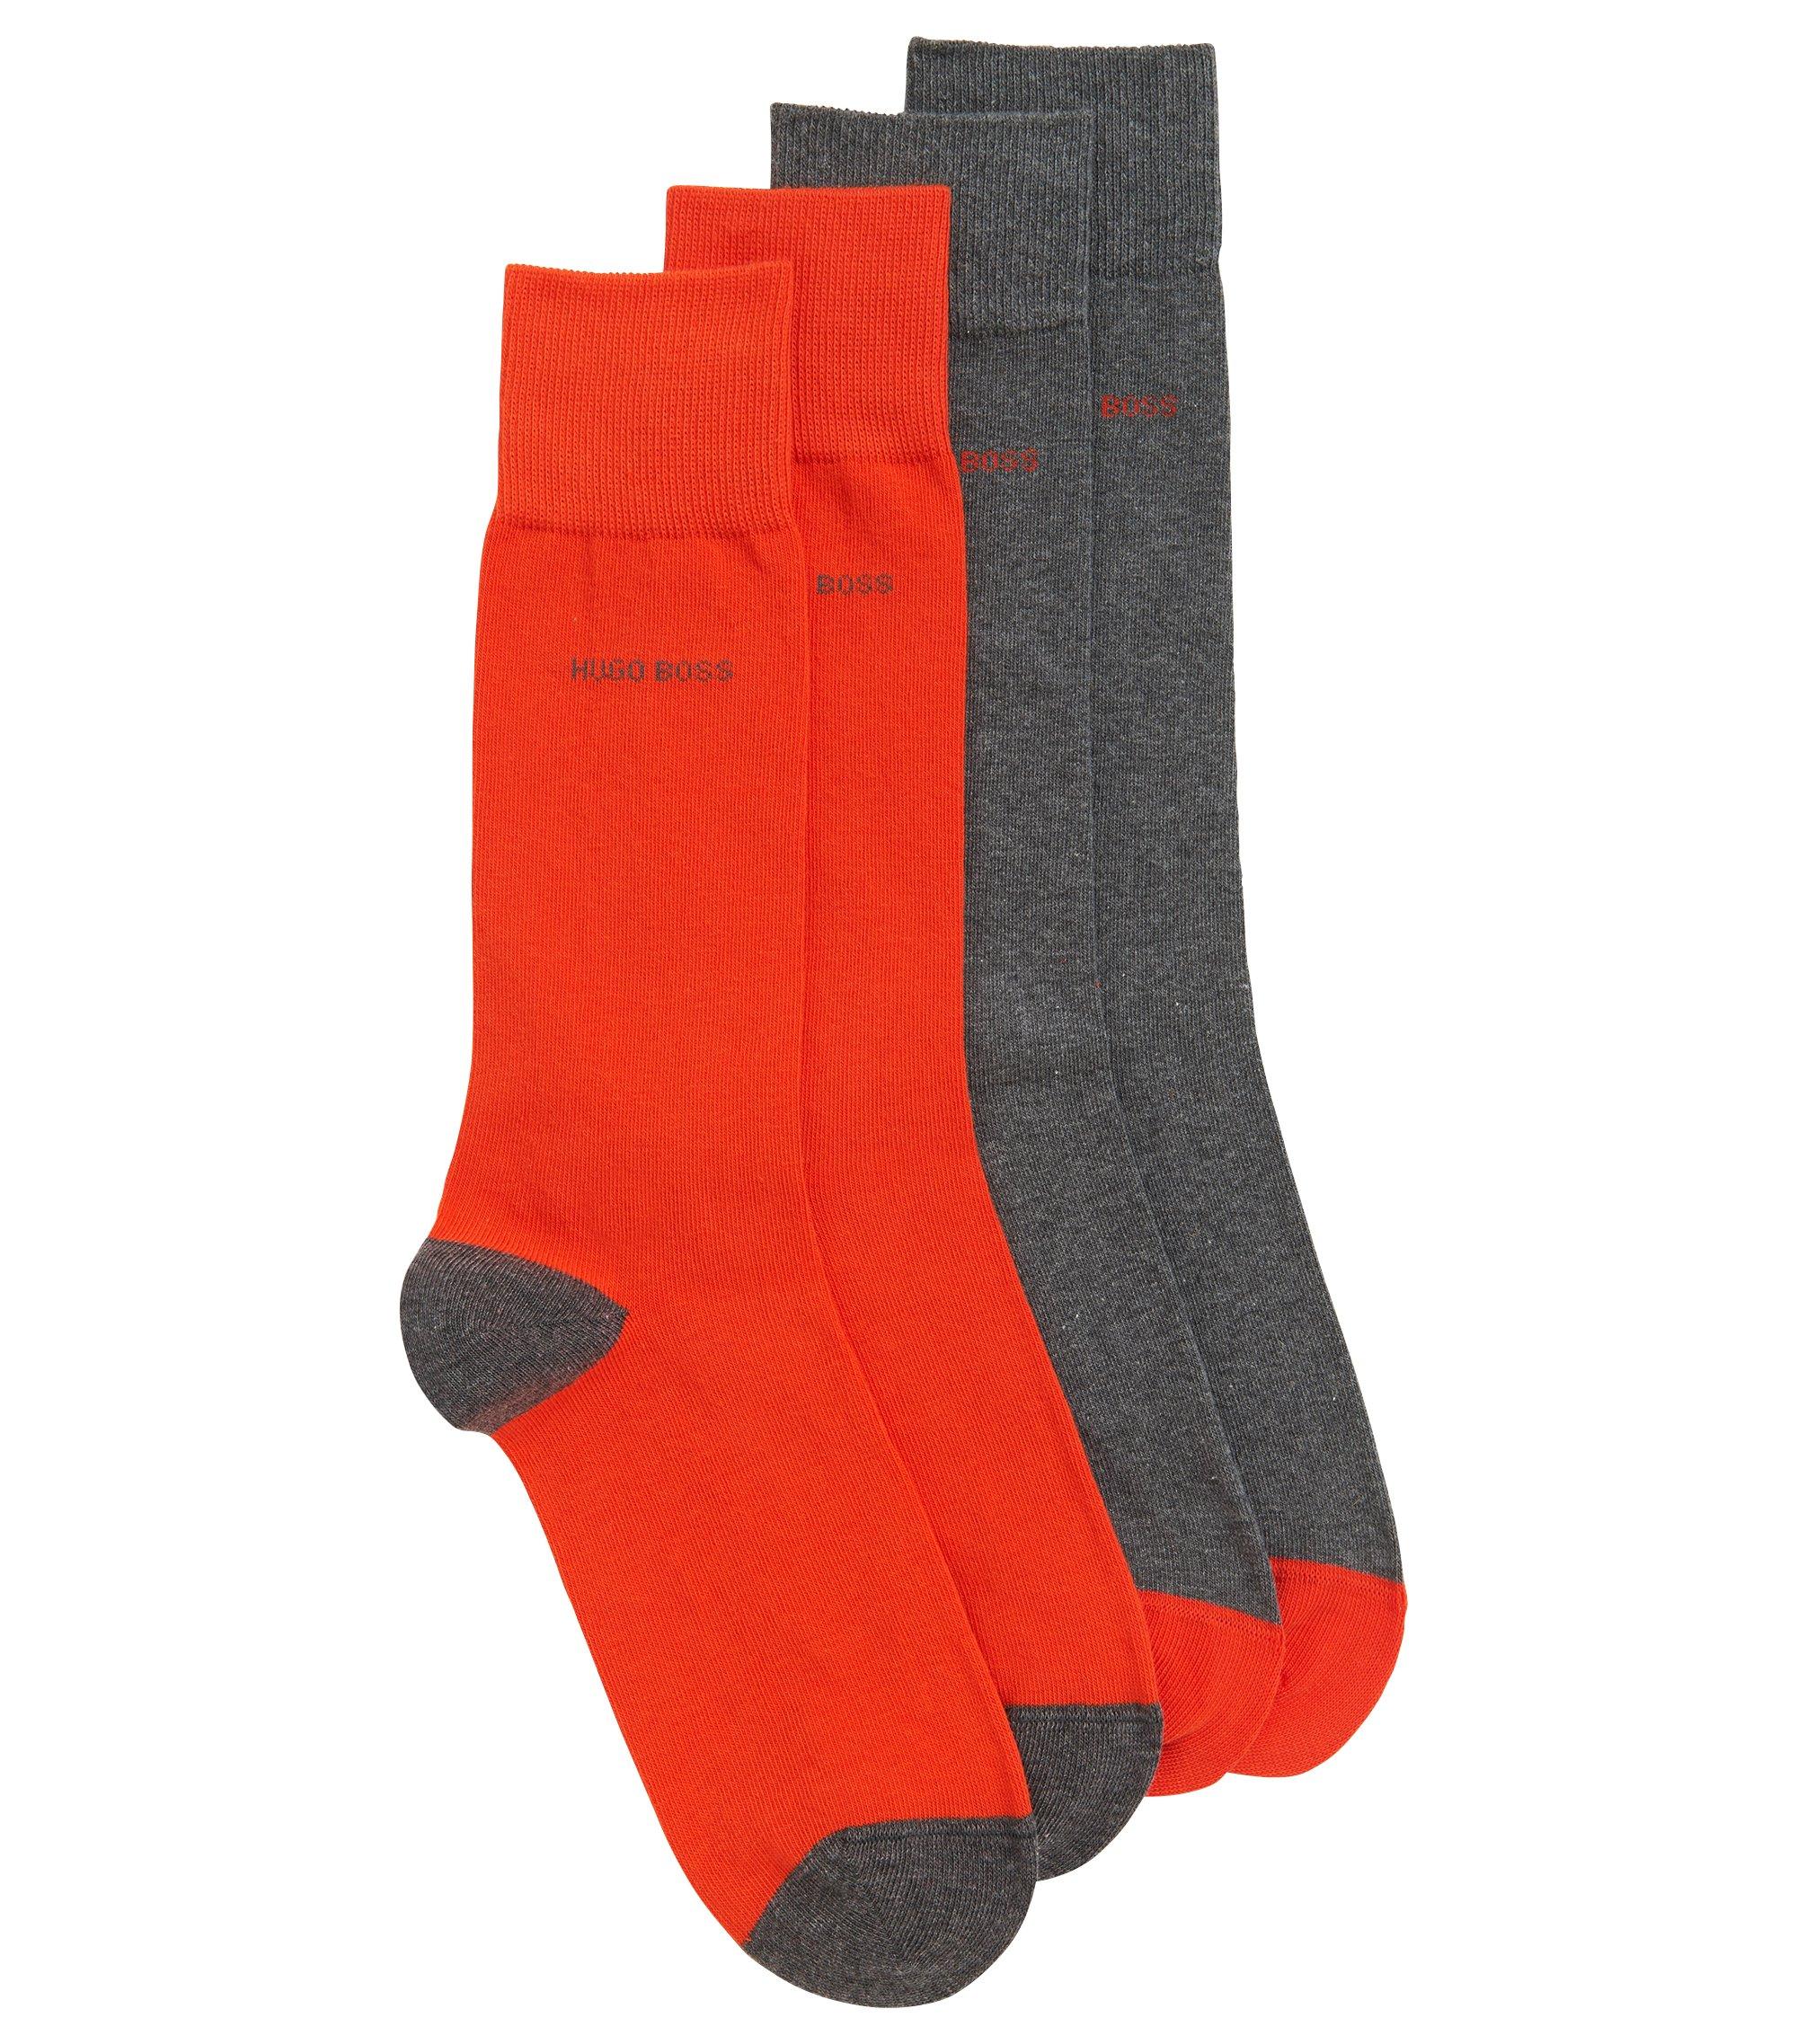 Socken aus elastischem Baumwoll-Mix im Zweier-Pack, Grau